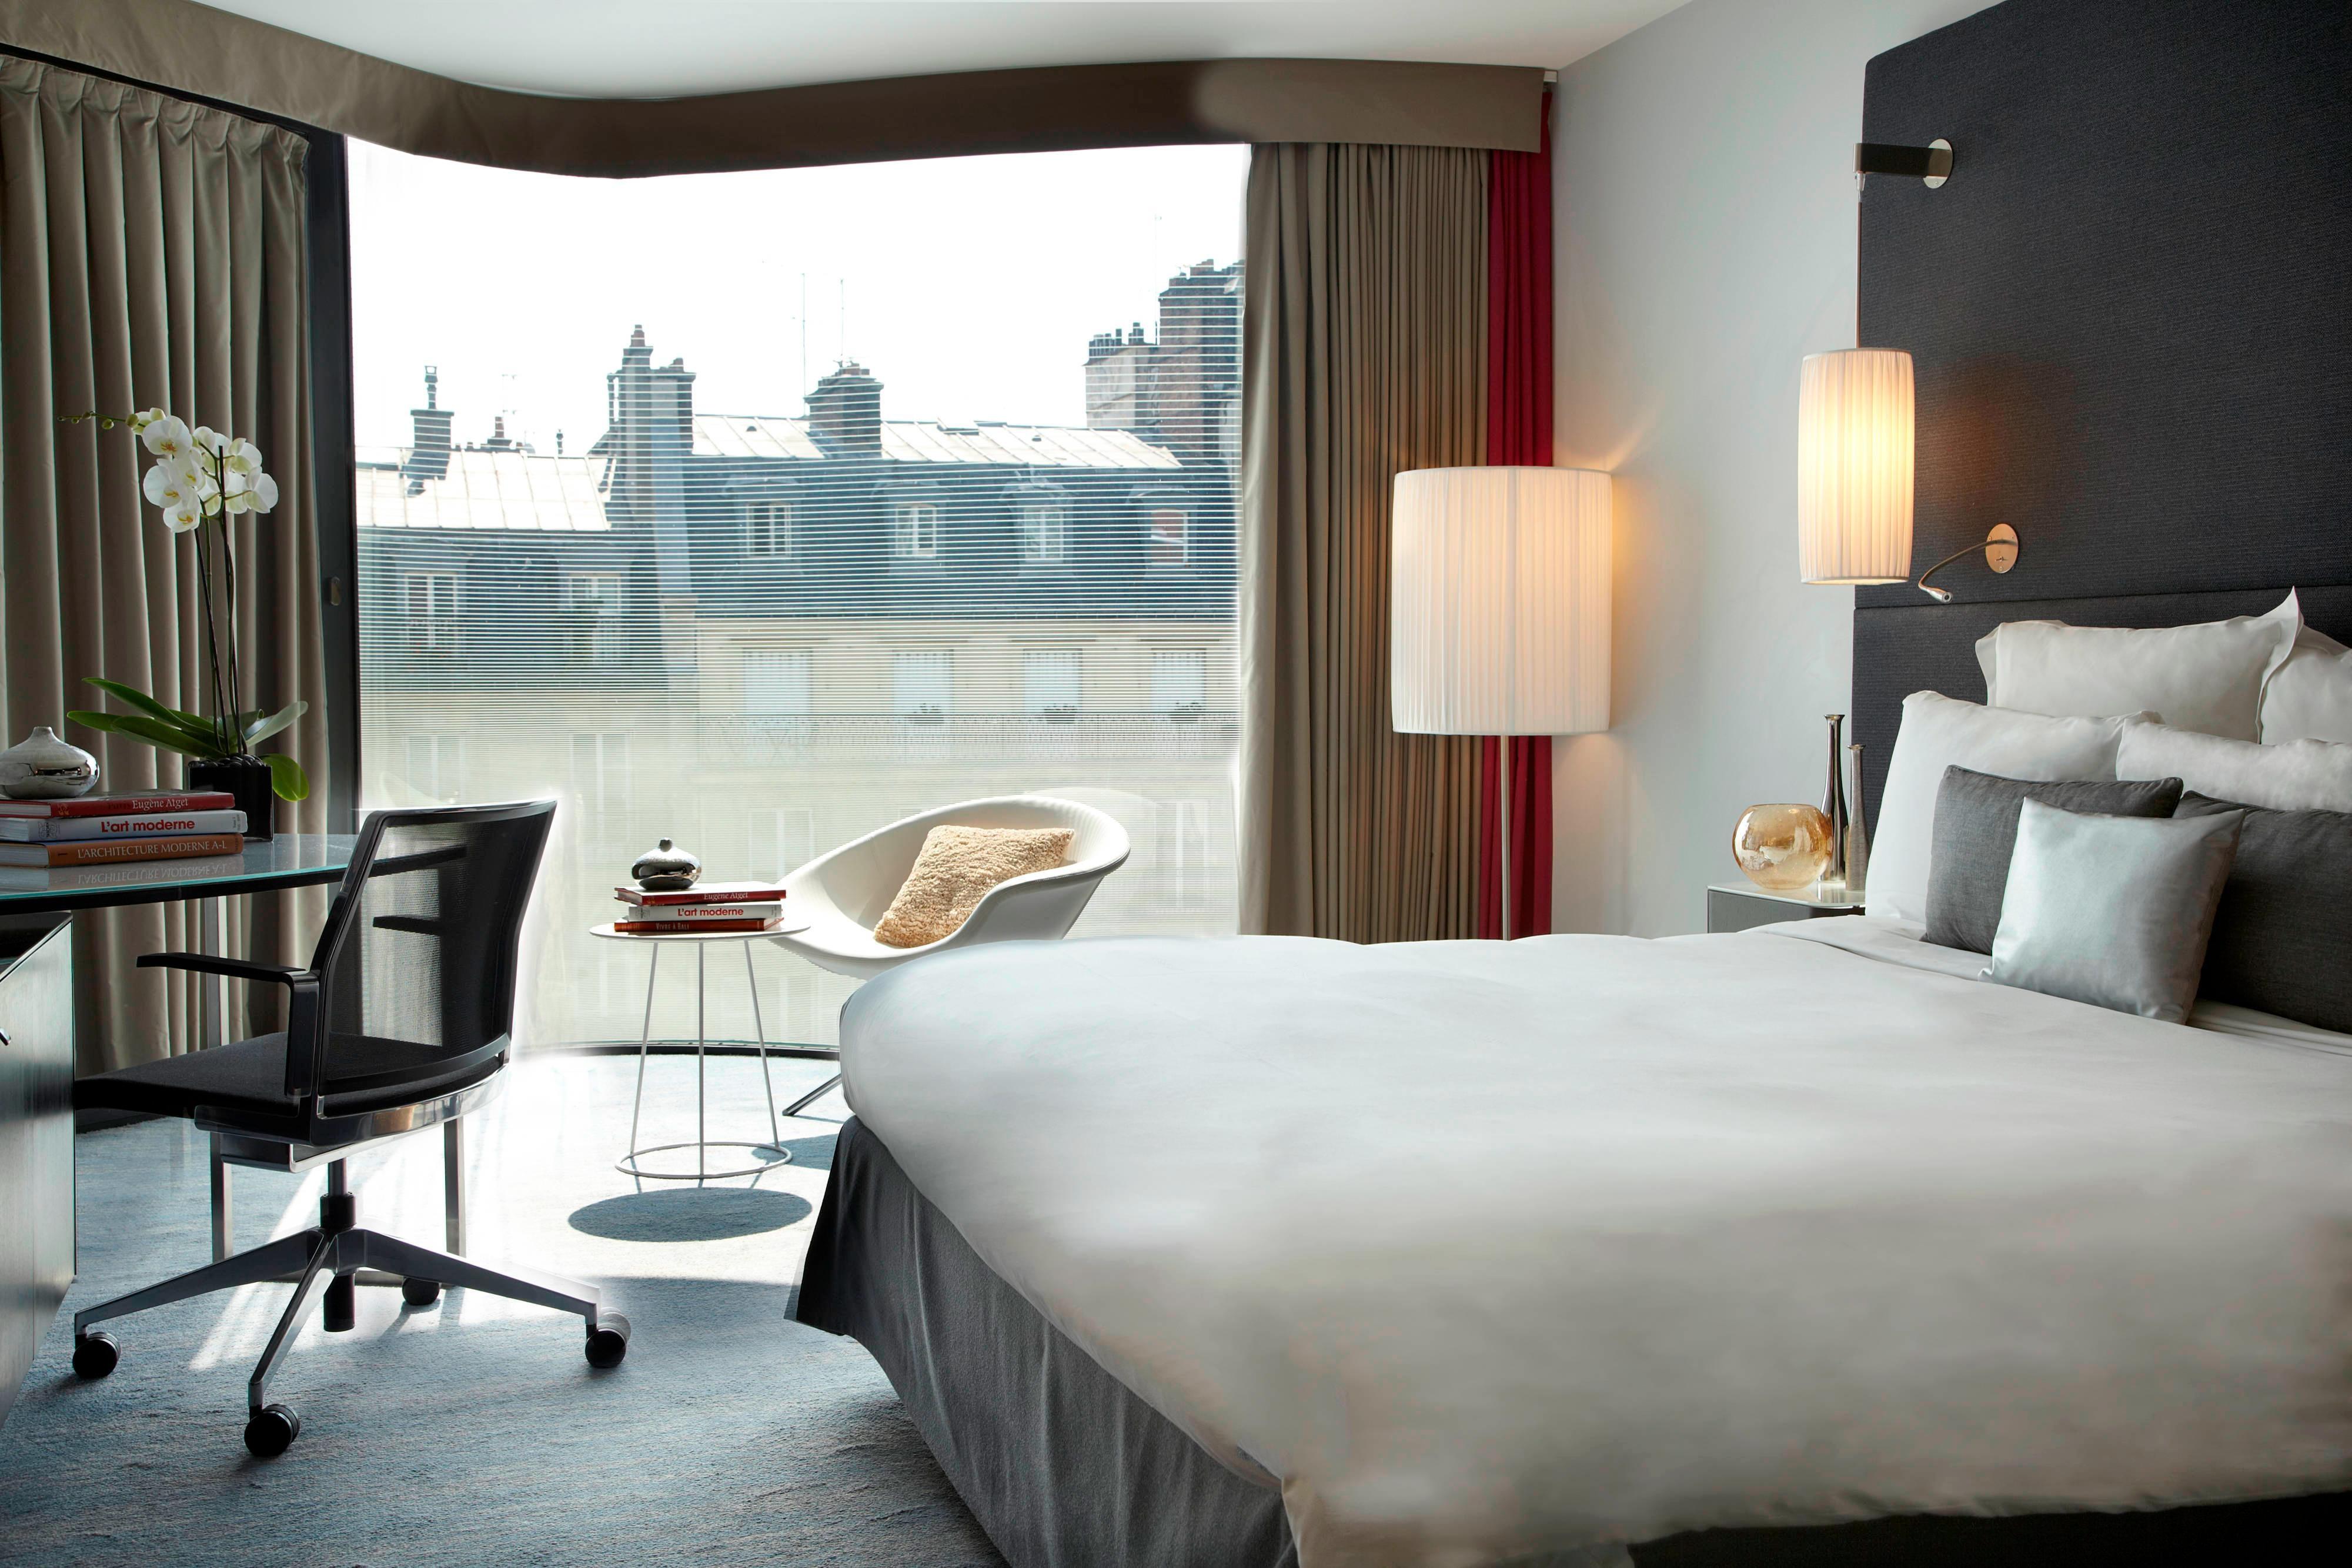 Hotel de 5 estrellas en París